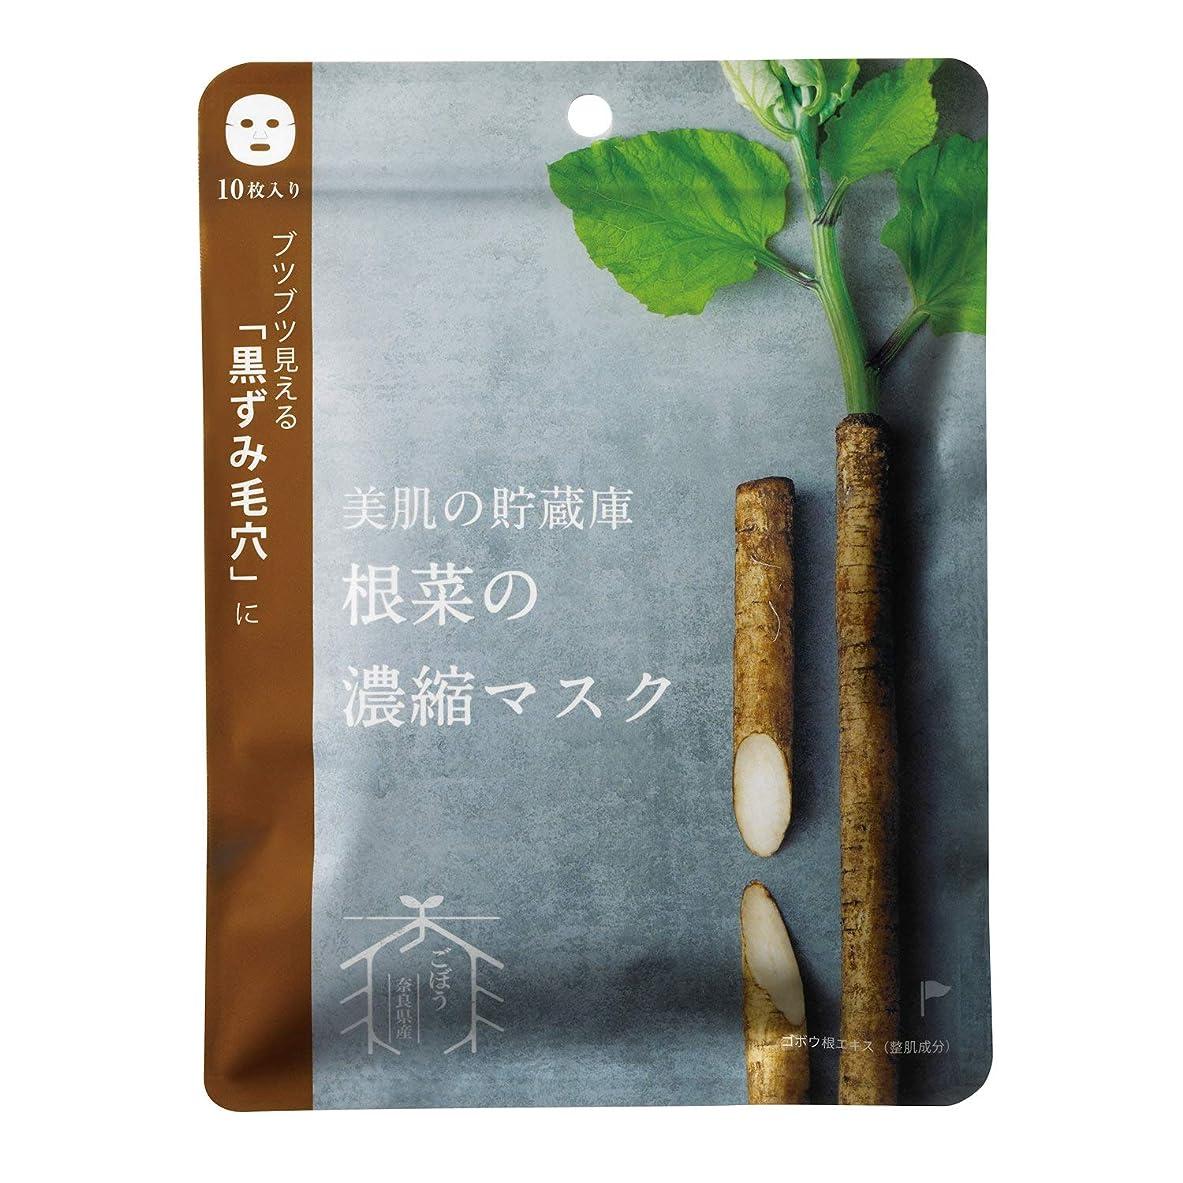 解読すると組むはげ@cosme nippon 美肌の貯蔵庫 根菜の濃縮マスク 宇陀金ごぼう 10枚 160ml